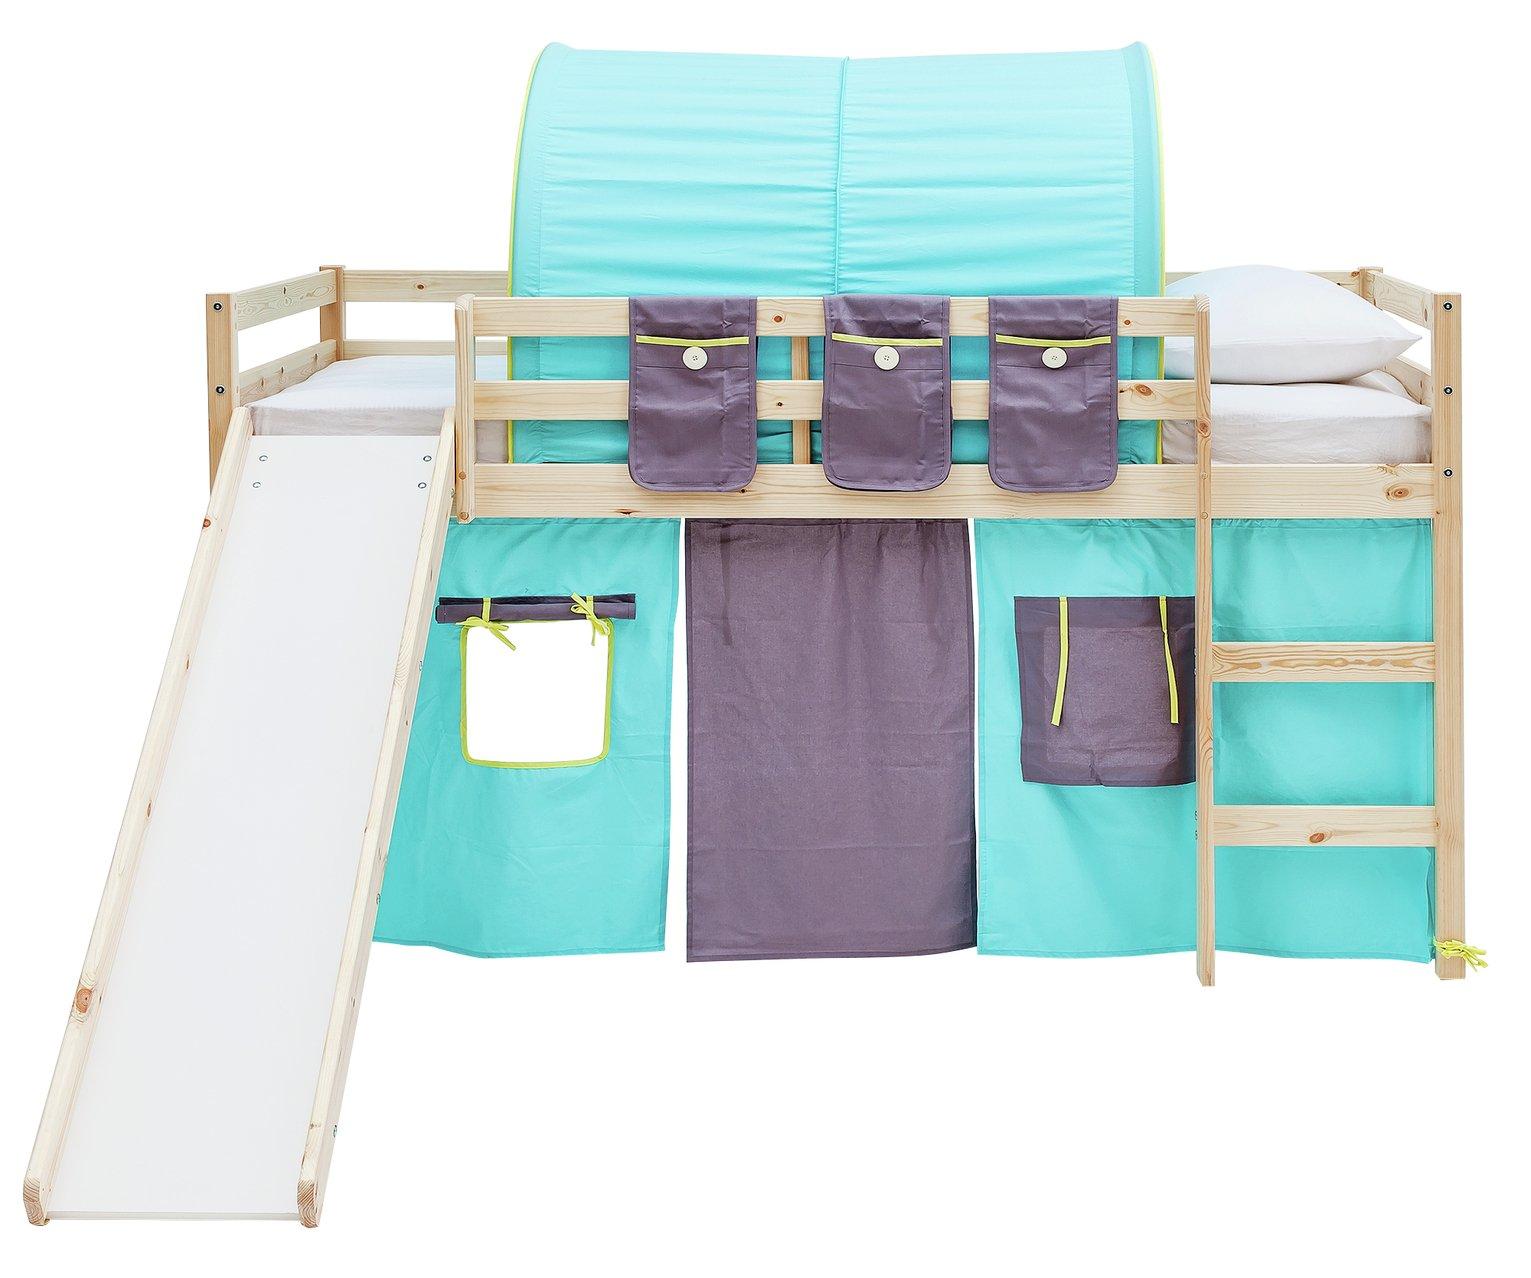 Argos Home Kaycie Pine Midsleeper ,Slide,Turq Tent& Mattress